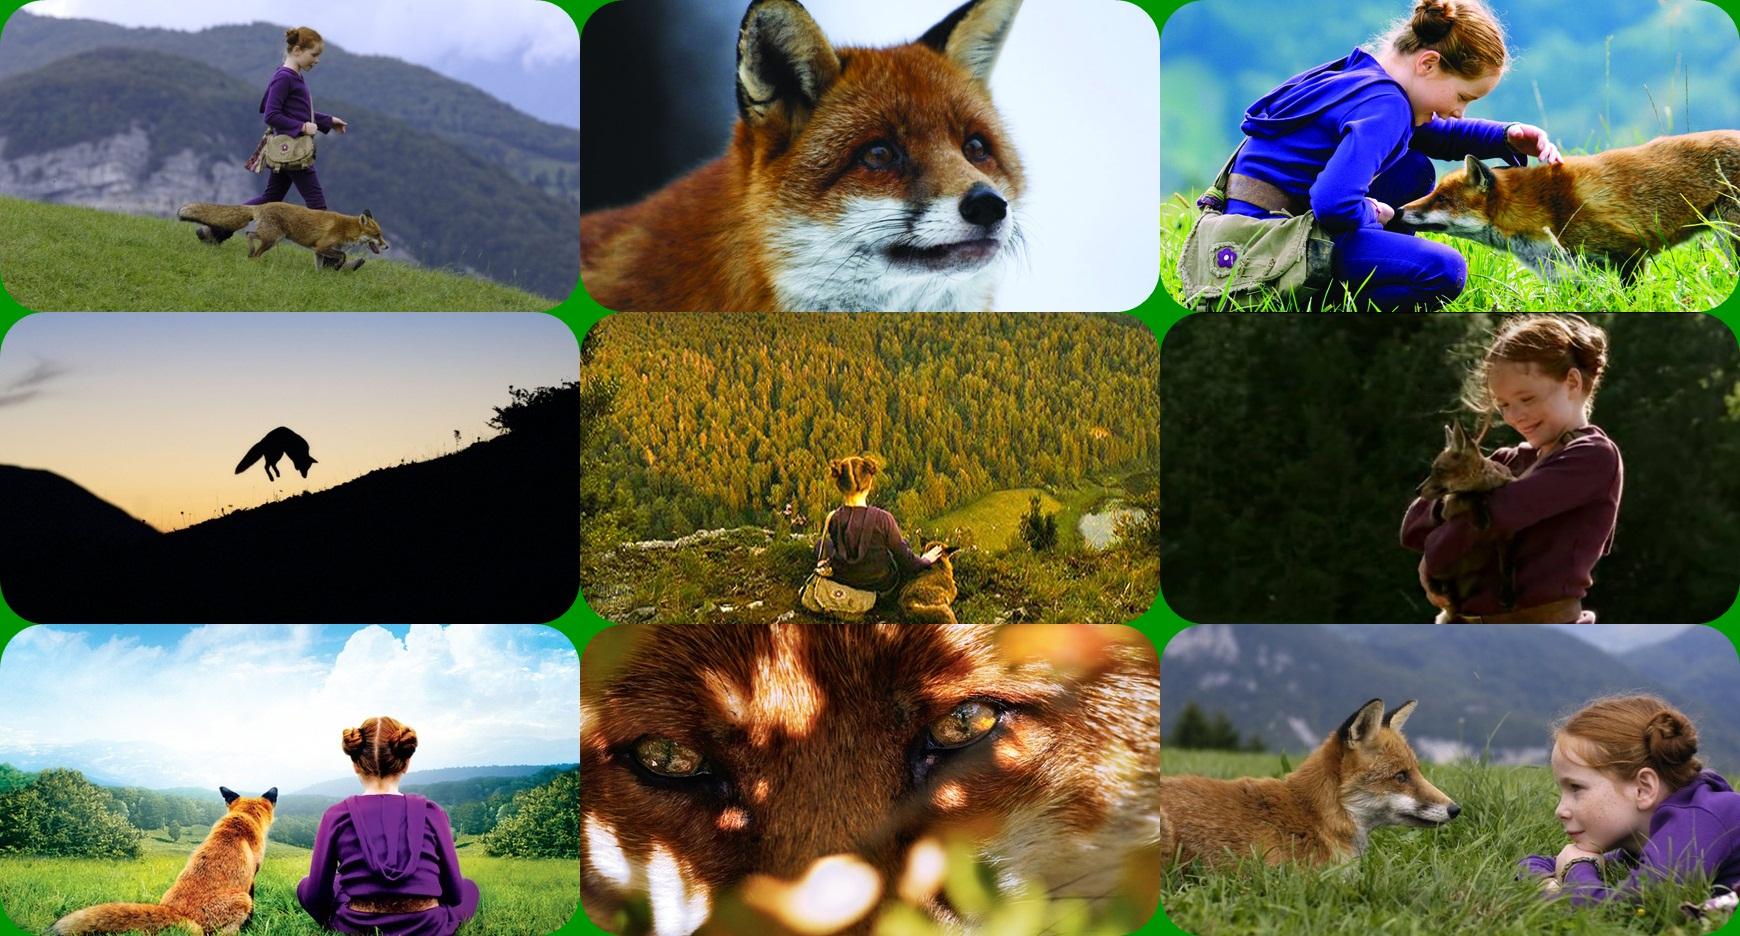 European cinema images le renard et l 39 enfant 2007 hd for Inside 2007 movie online free